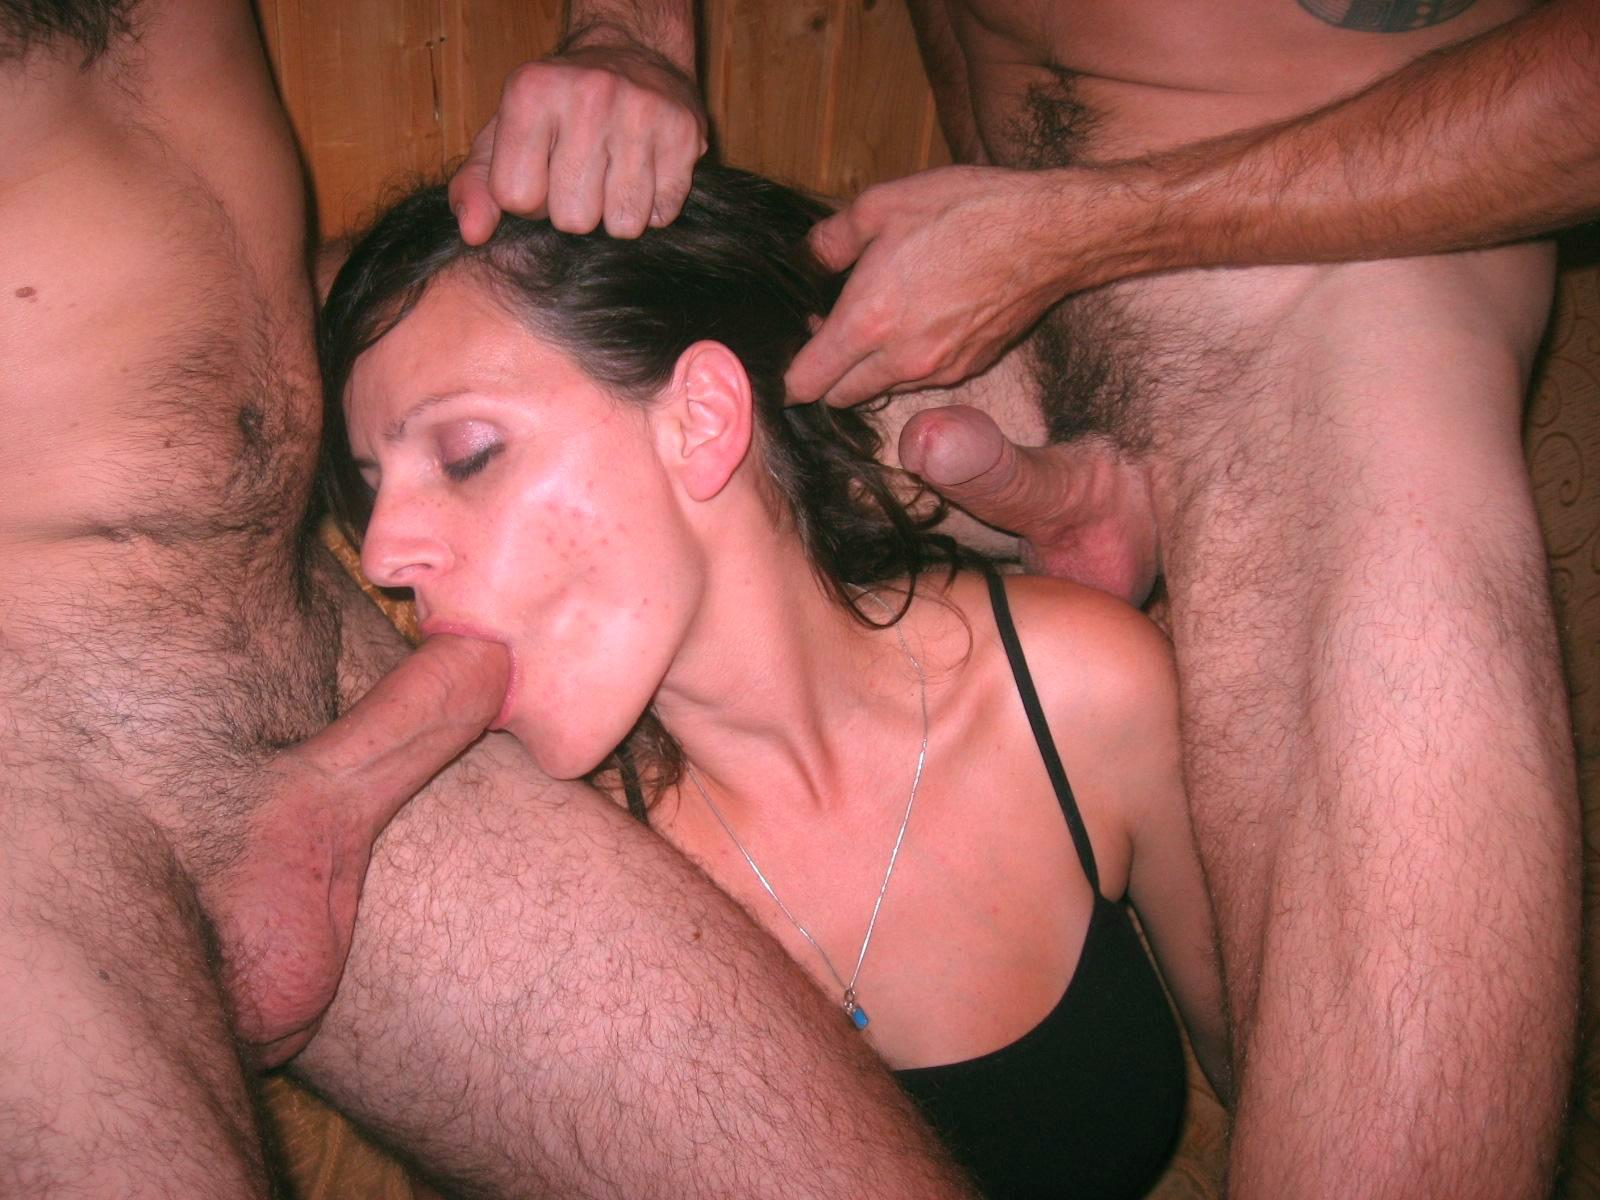 Подборка любительского секса втроем 13 фото